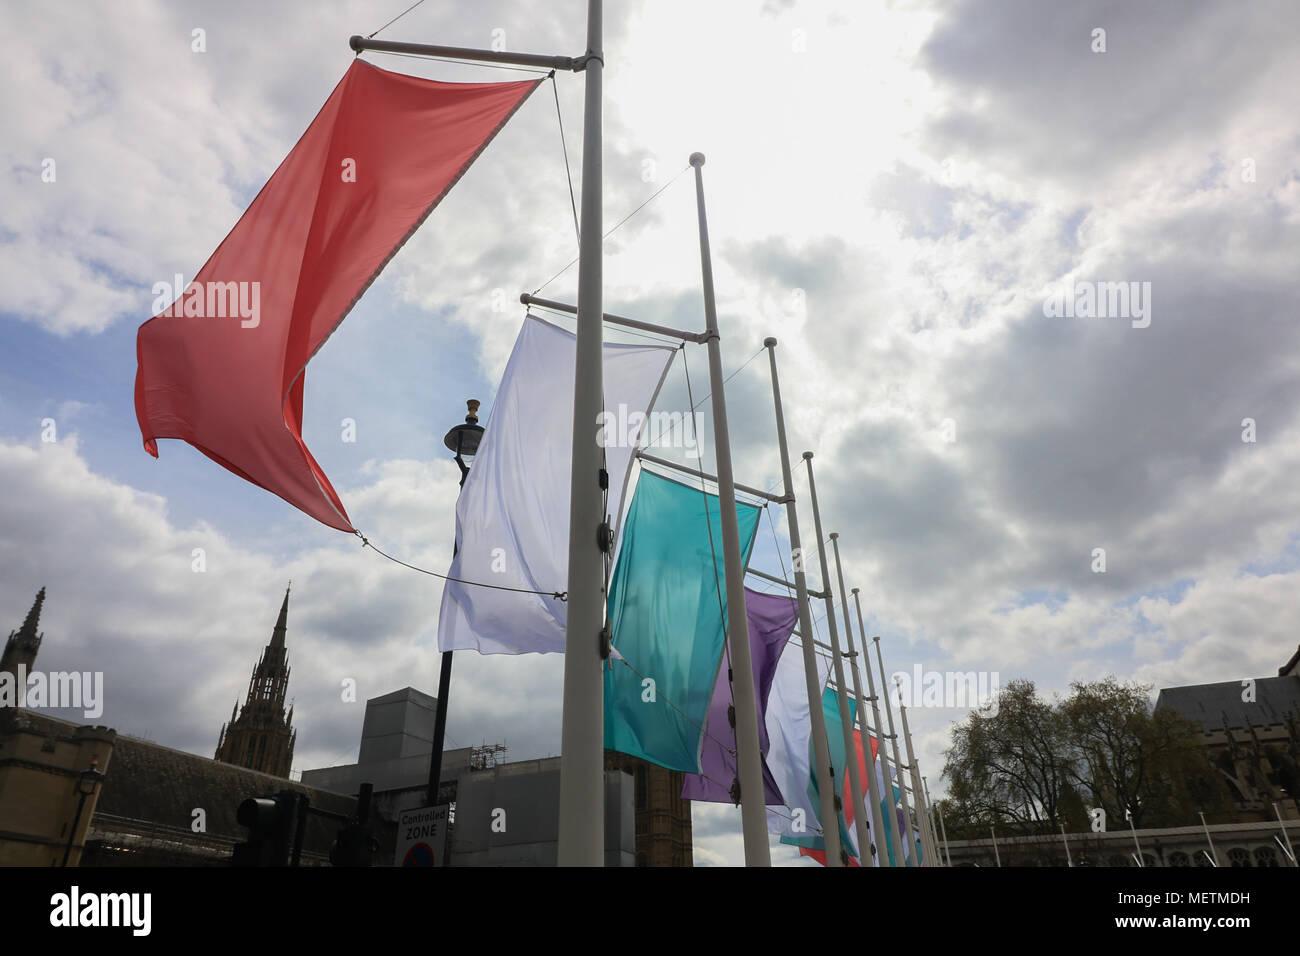 """Londres, Reino Unido. 23 de abril de 2018. Banderas de colores que representa el movimiento Sufragette cuelgan en la Plaza del Parlamento en honor de Millicent Fawcett ,una feminista británica, político y líder sindical, quien hizo campaña para que la mujer tenga derecho a votar. En 1908, diseñó el Pethick-Lawrence Emmeline suffragettes"""" esquema de color púrpura de lealtad y dignidad, el blanco de la pureza, y verde para la esperanza: amer ghazzal crédito/Alamy Live News Foto de stock"""